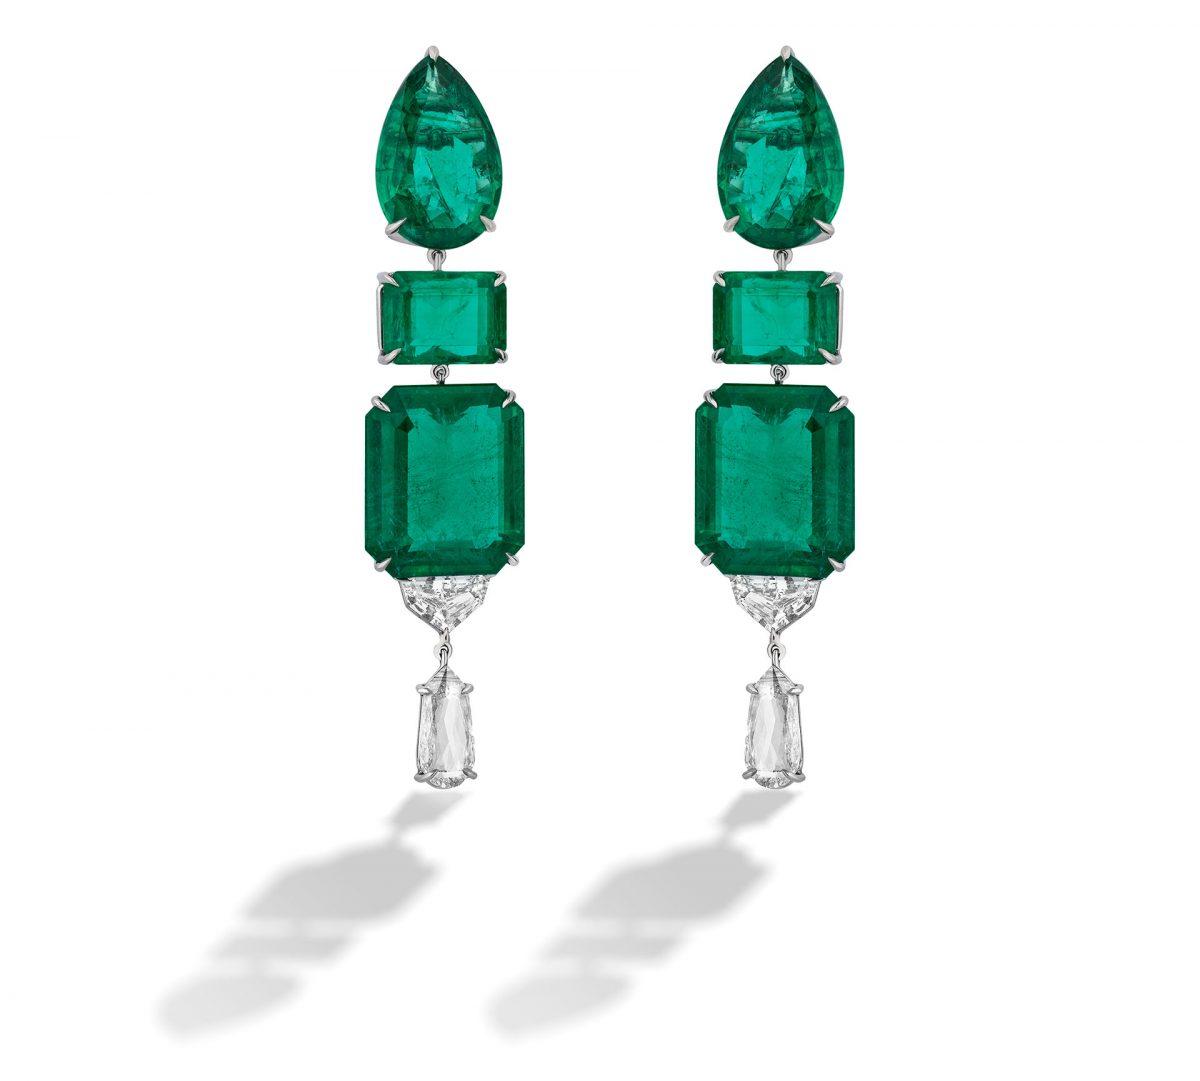 Smaragd- und Diamantohrringe, inspiriert von St. Moritz